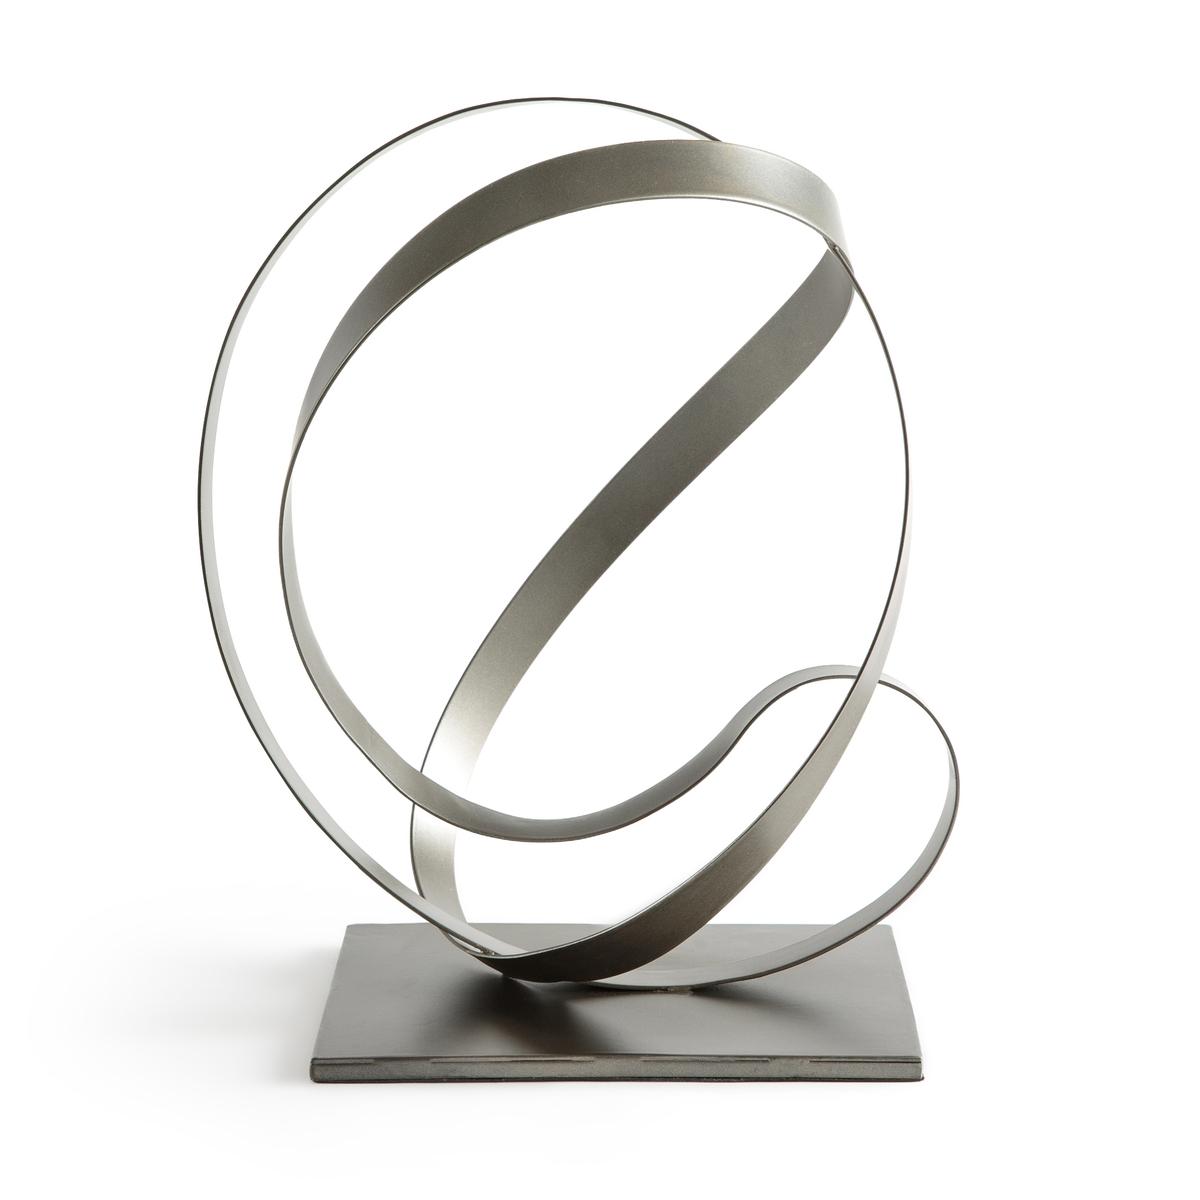 Предмет La Redoute Декора из металла Hanzaki единый размер серый стол la redoute журнальный из агата и металла anaximne единый размер синий